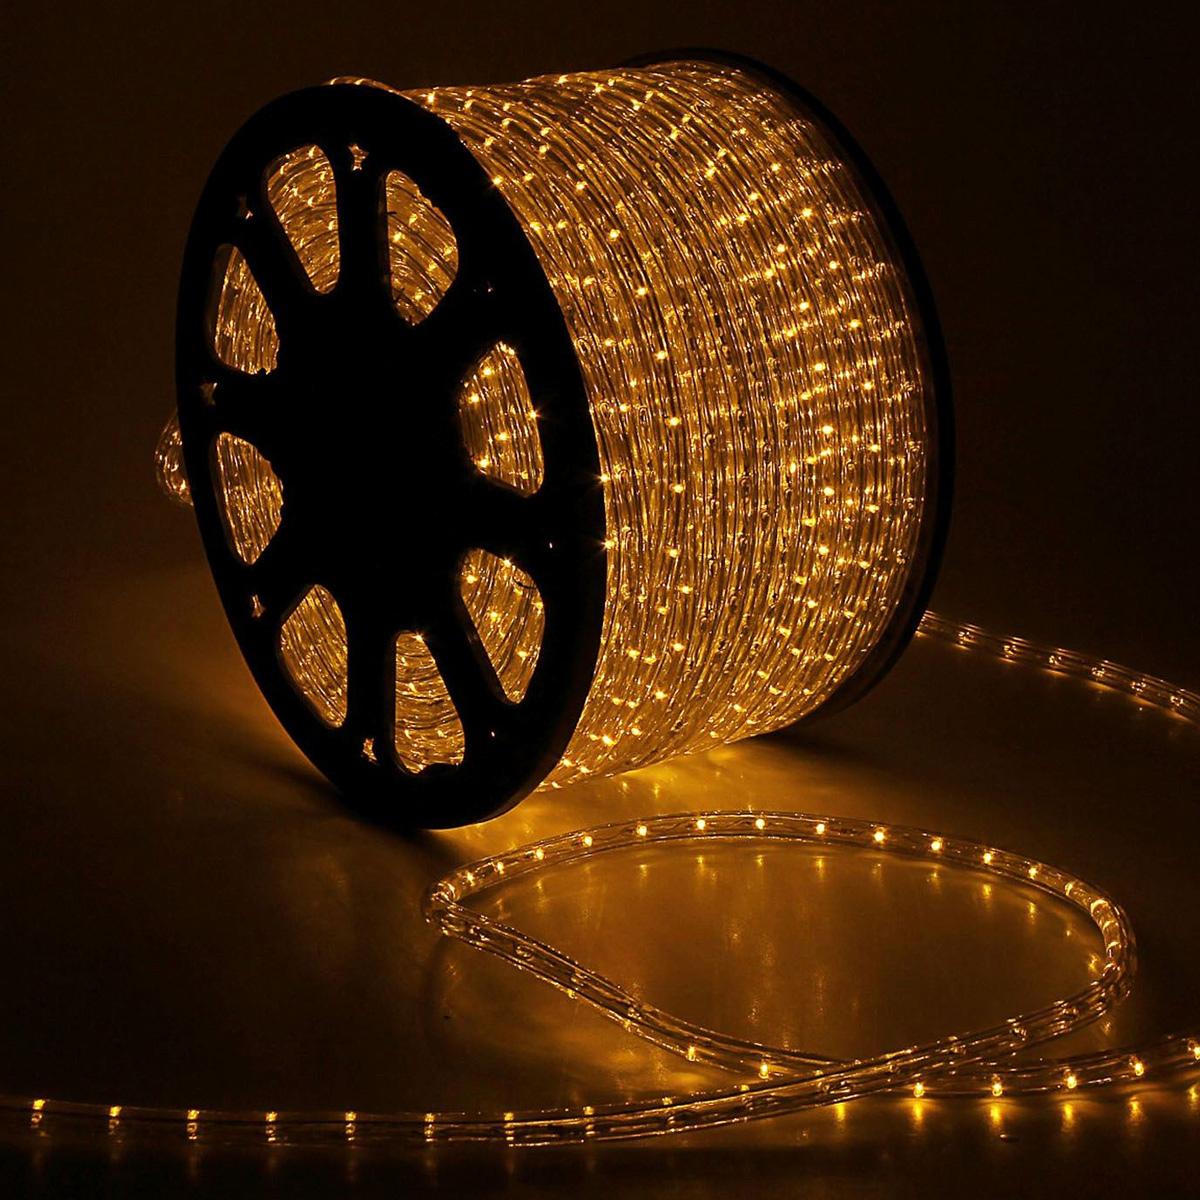 Гирлянда светодиодная  Luazon , 2400 ламп, 220 V, цвет: теплый белый, 1,3 см х 100 м. 461028 -  Гирлянды и светильники